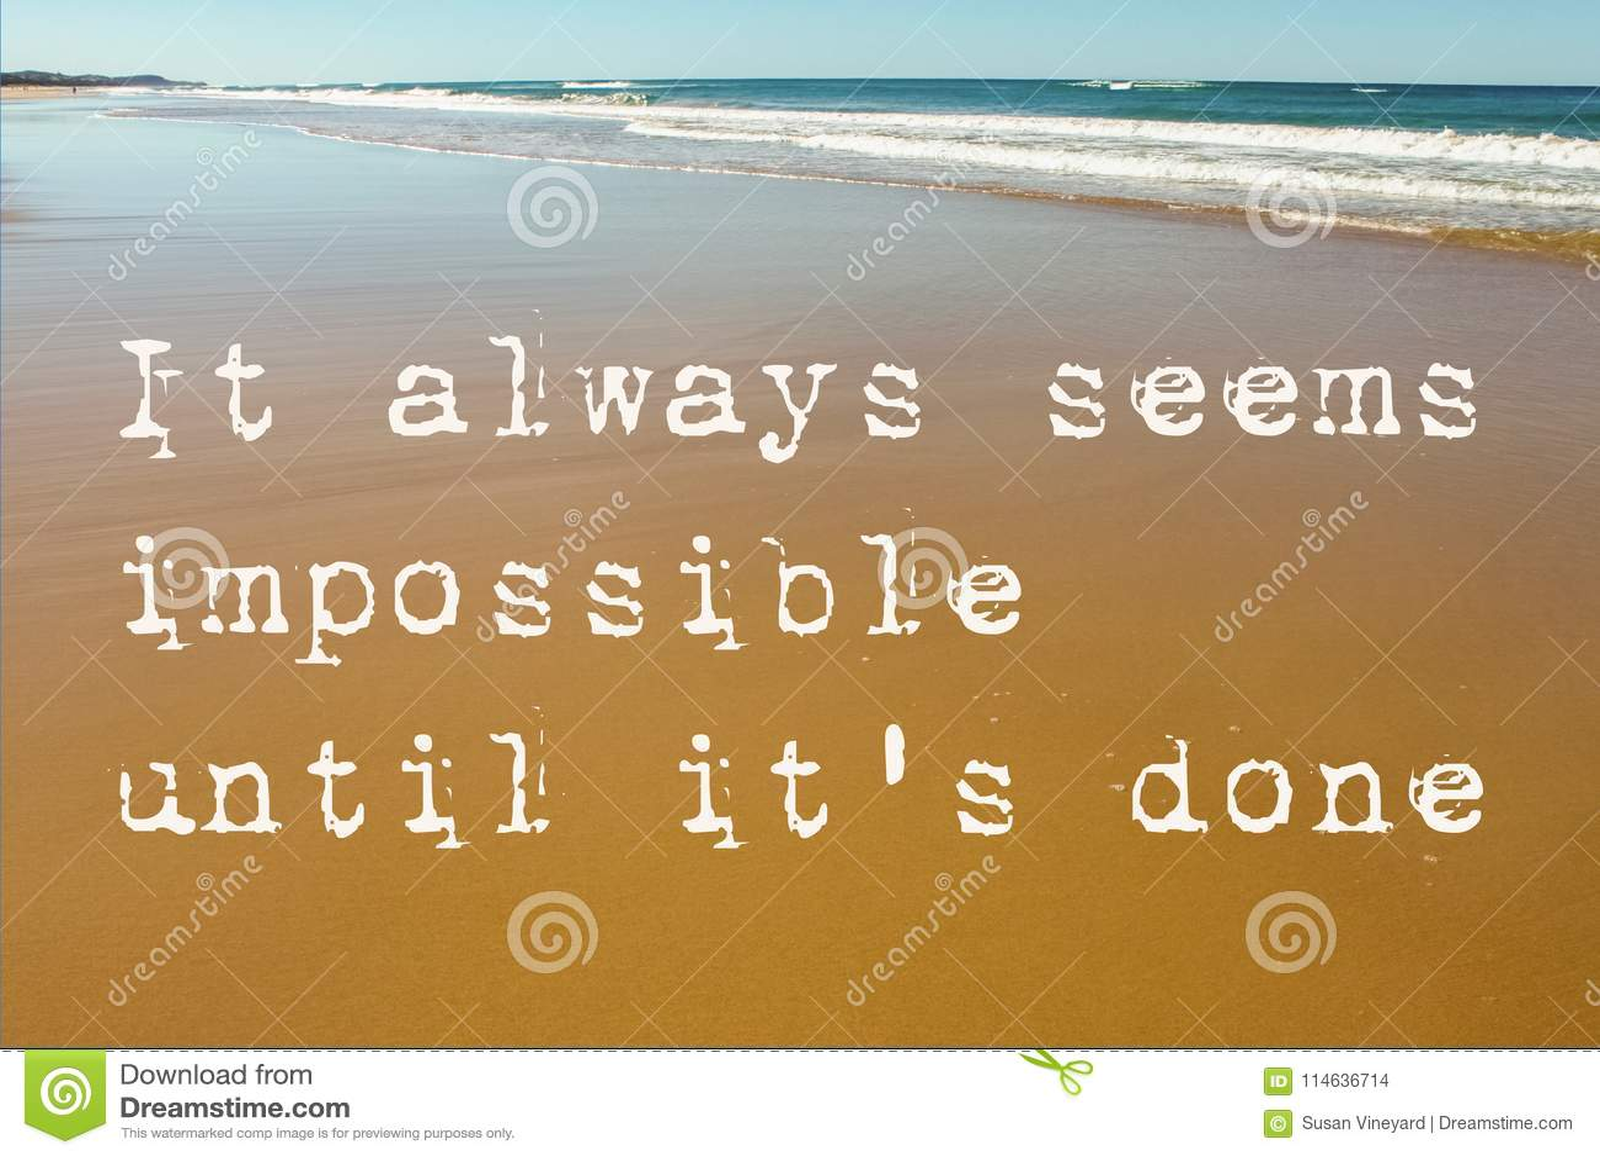 Strandplats av våt sand med vågor i bakgrunden och det motivational citationstecknet som det verkar alltid omöjligt tills det gjo